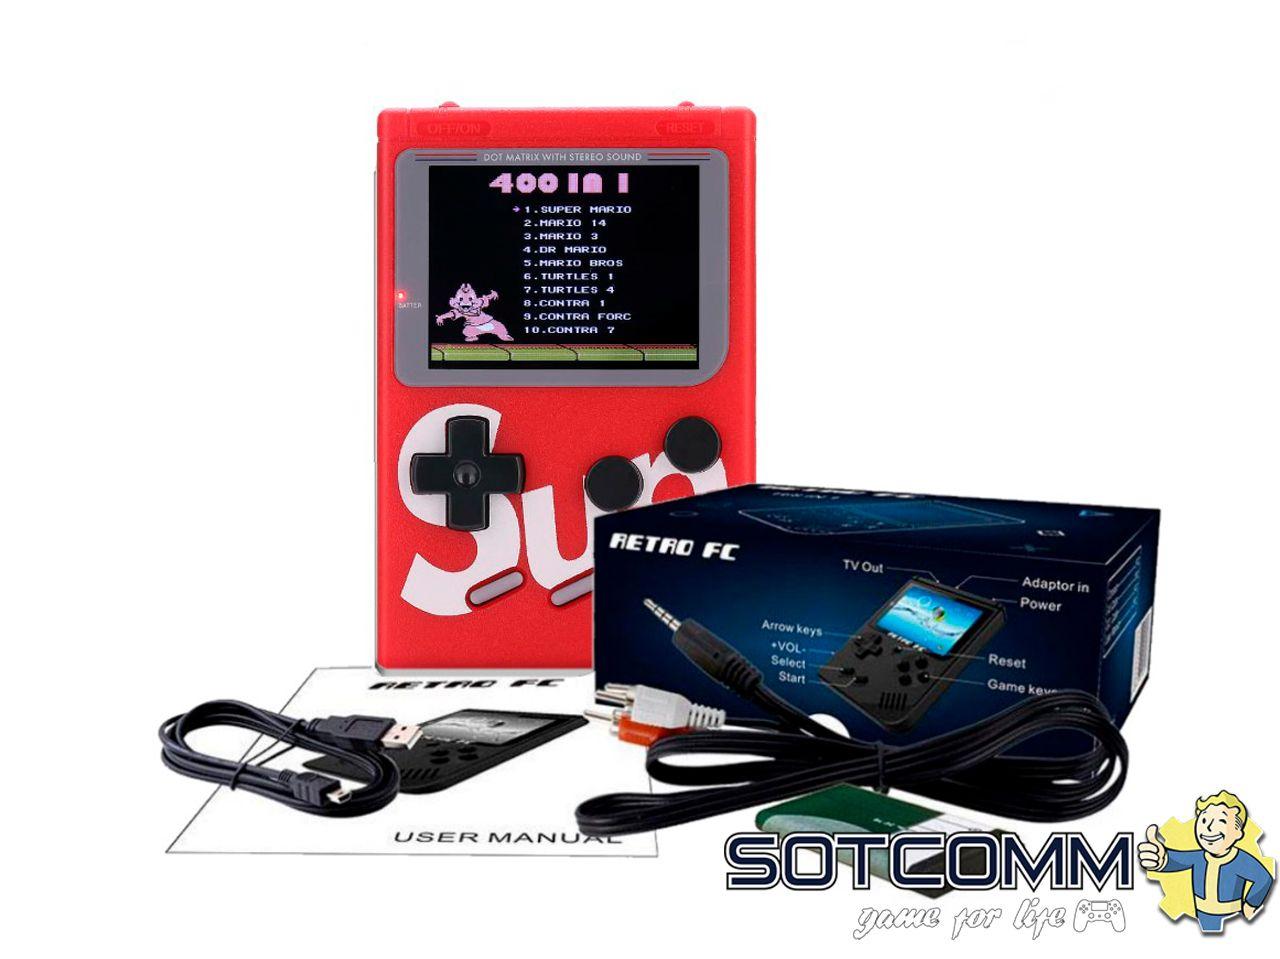 Портативная игровая консоль Sup Game box 400 in 1 8 bit